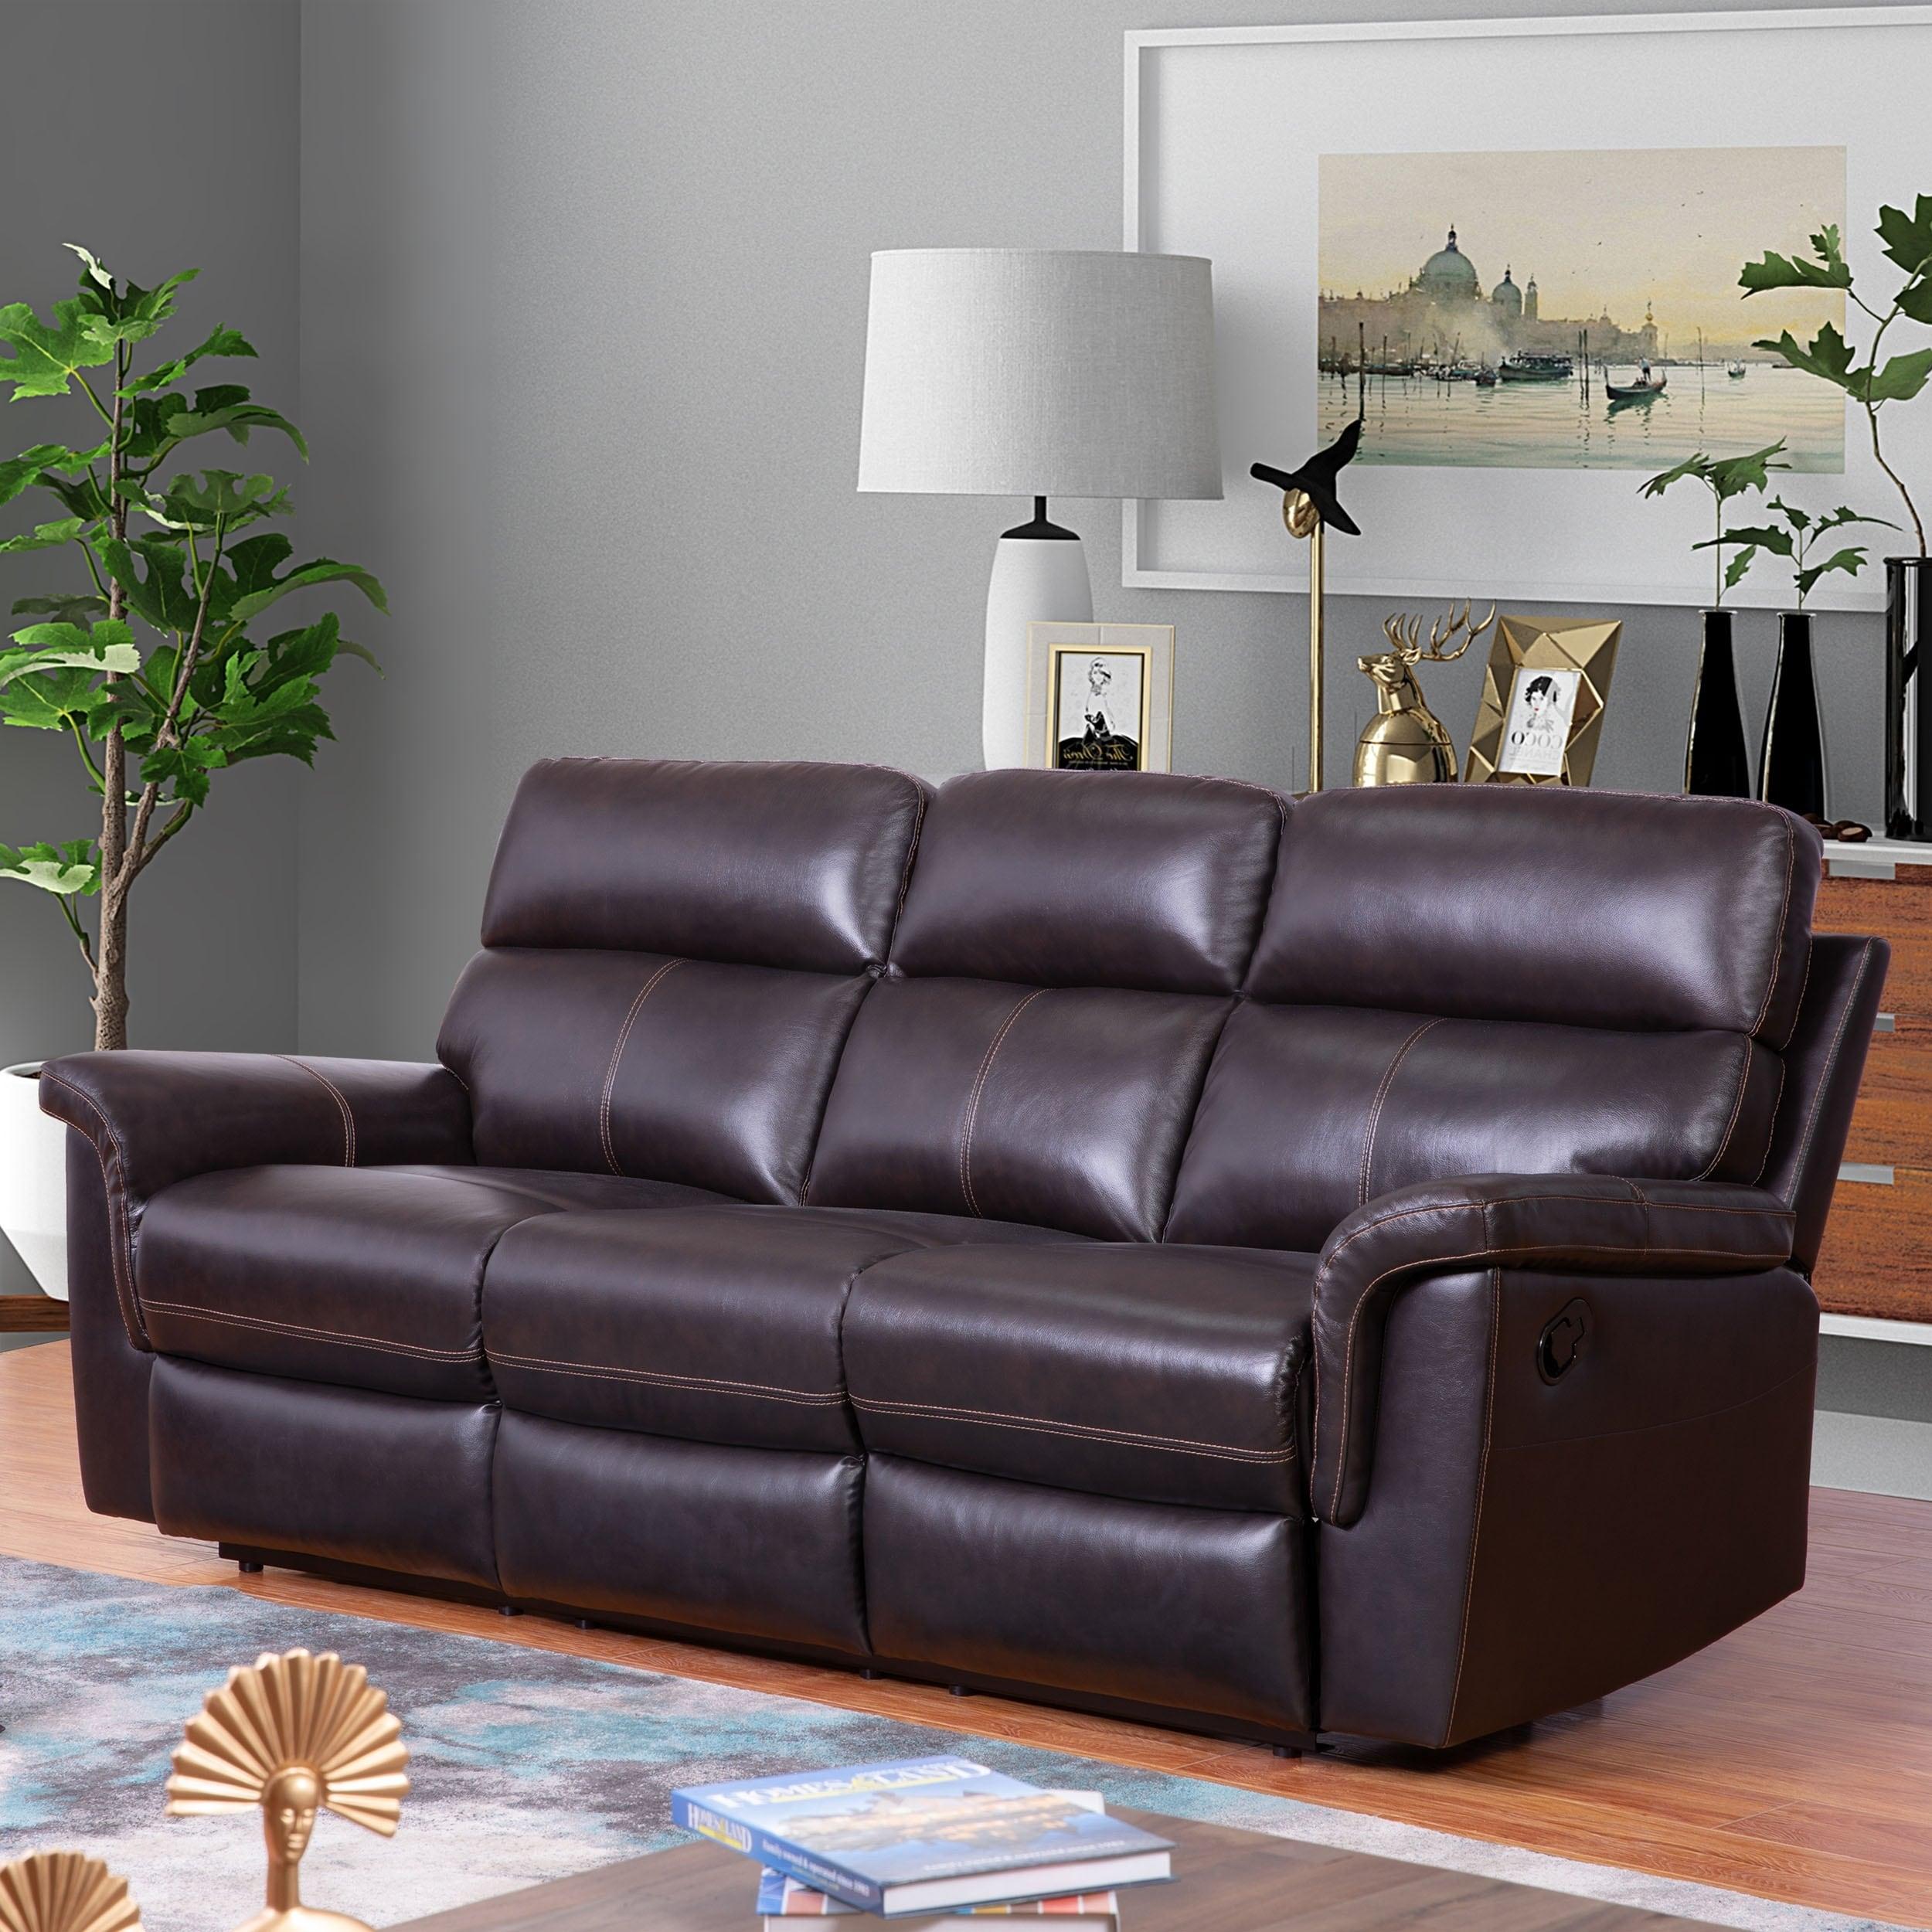 Groovy Abbyson Wellington Brown Top Grain Leather Reclining Sofa Camellatalisay Diy Chair Ideas Camellatalisaycom